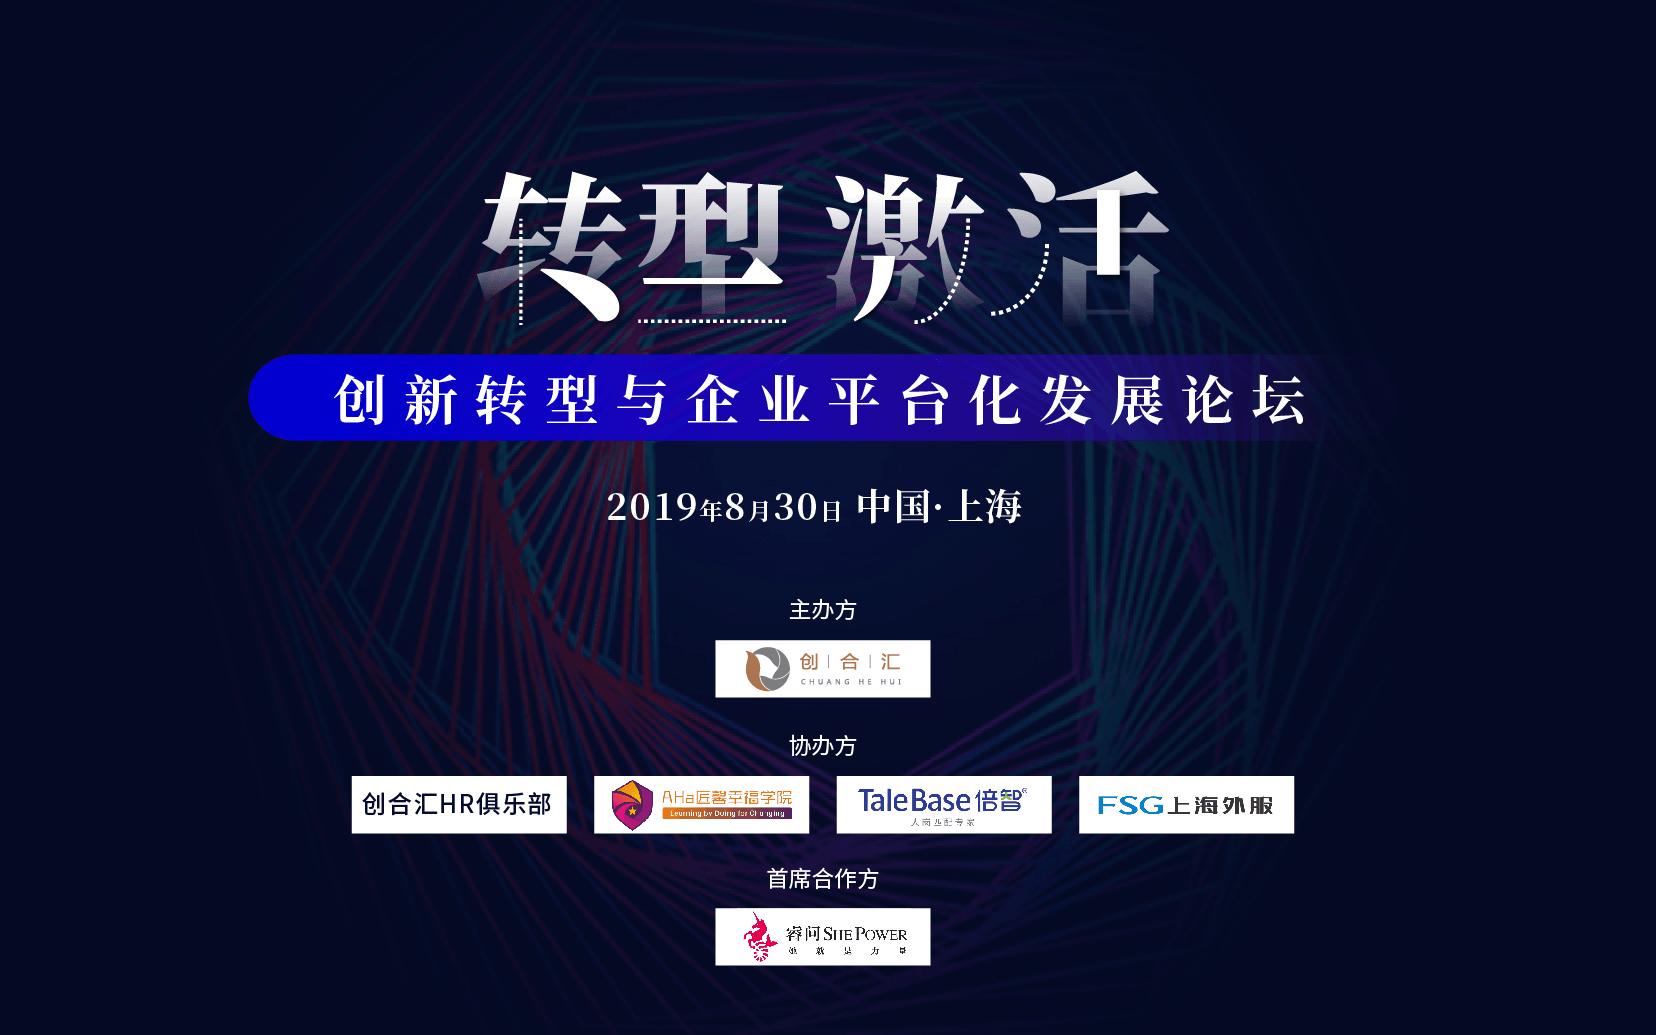 2019创新转型与企业平台化发展论坛(上海)